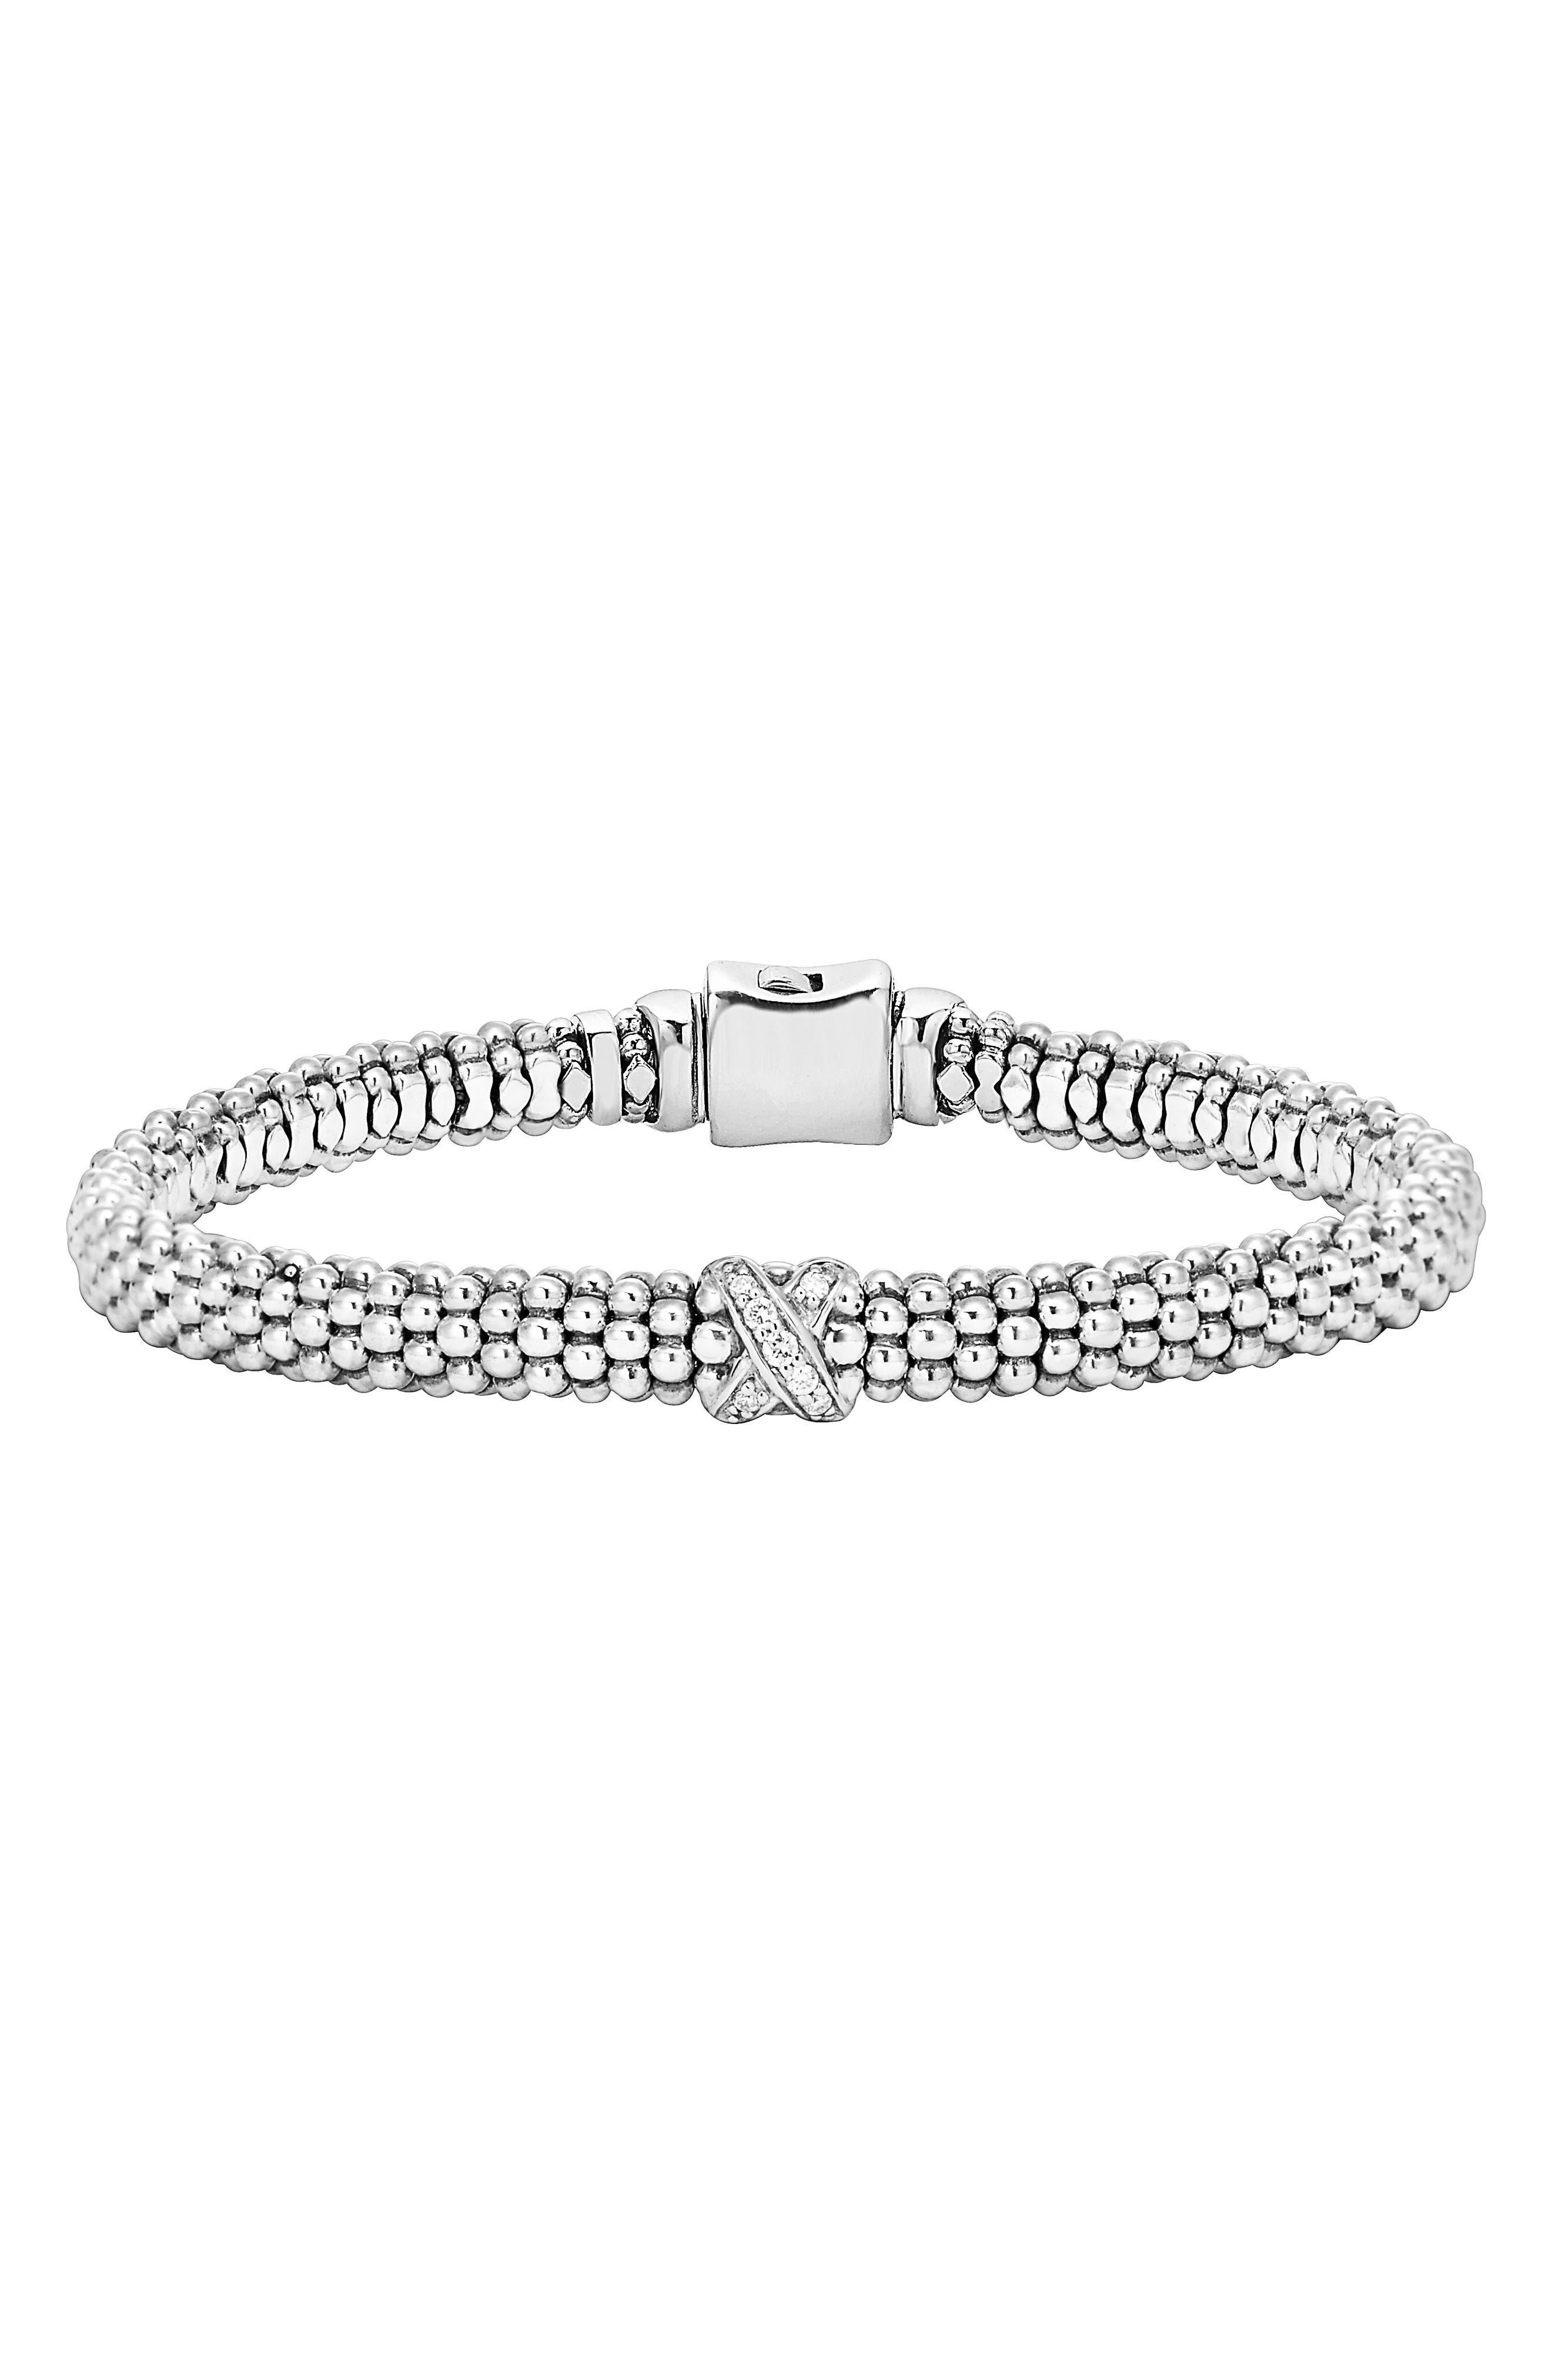 LAGOS Caviar Signature Caviar Diamond Rope Bracelet